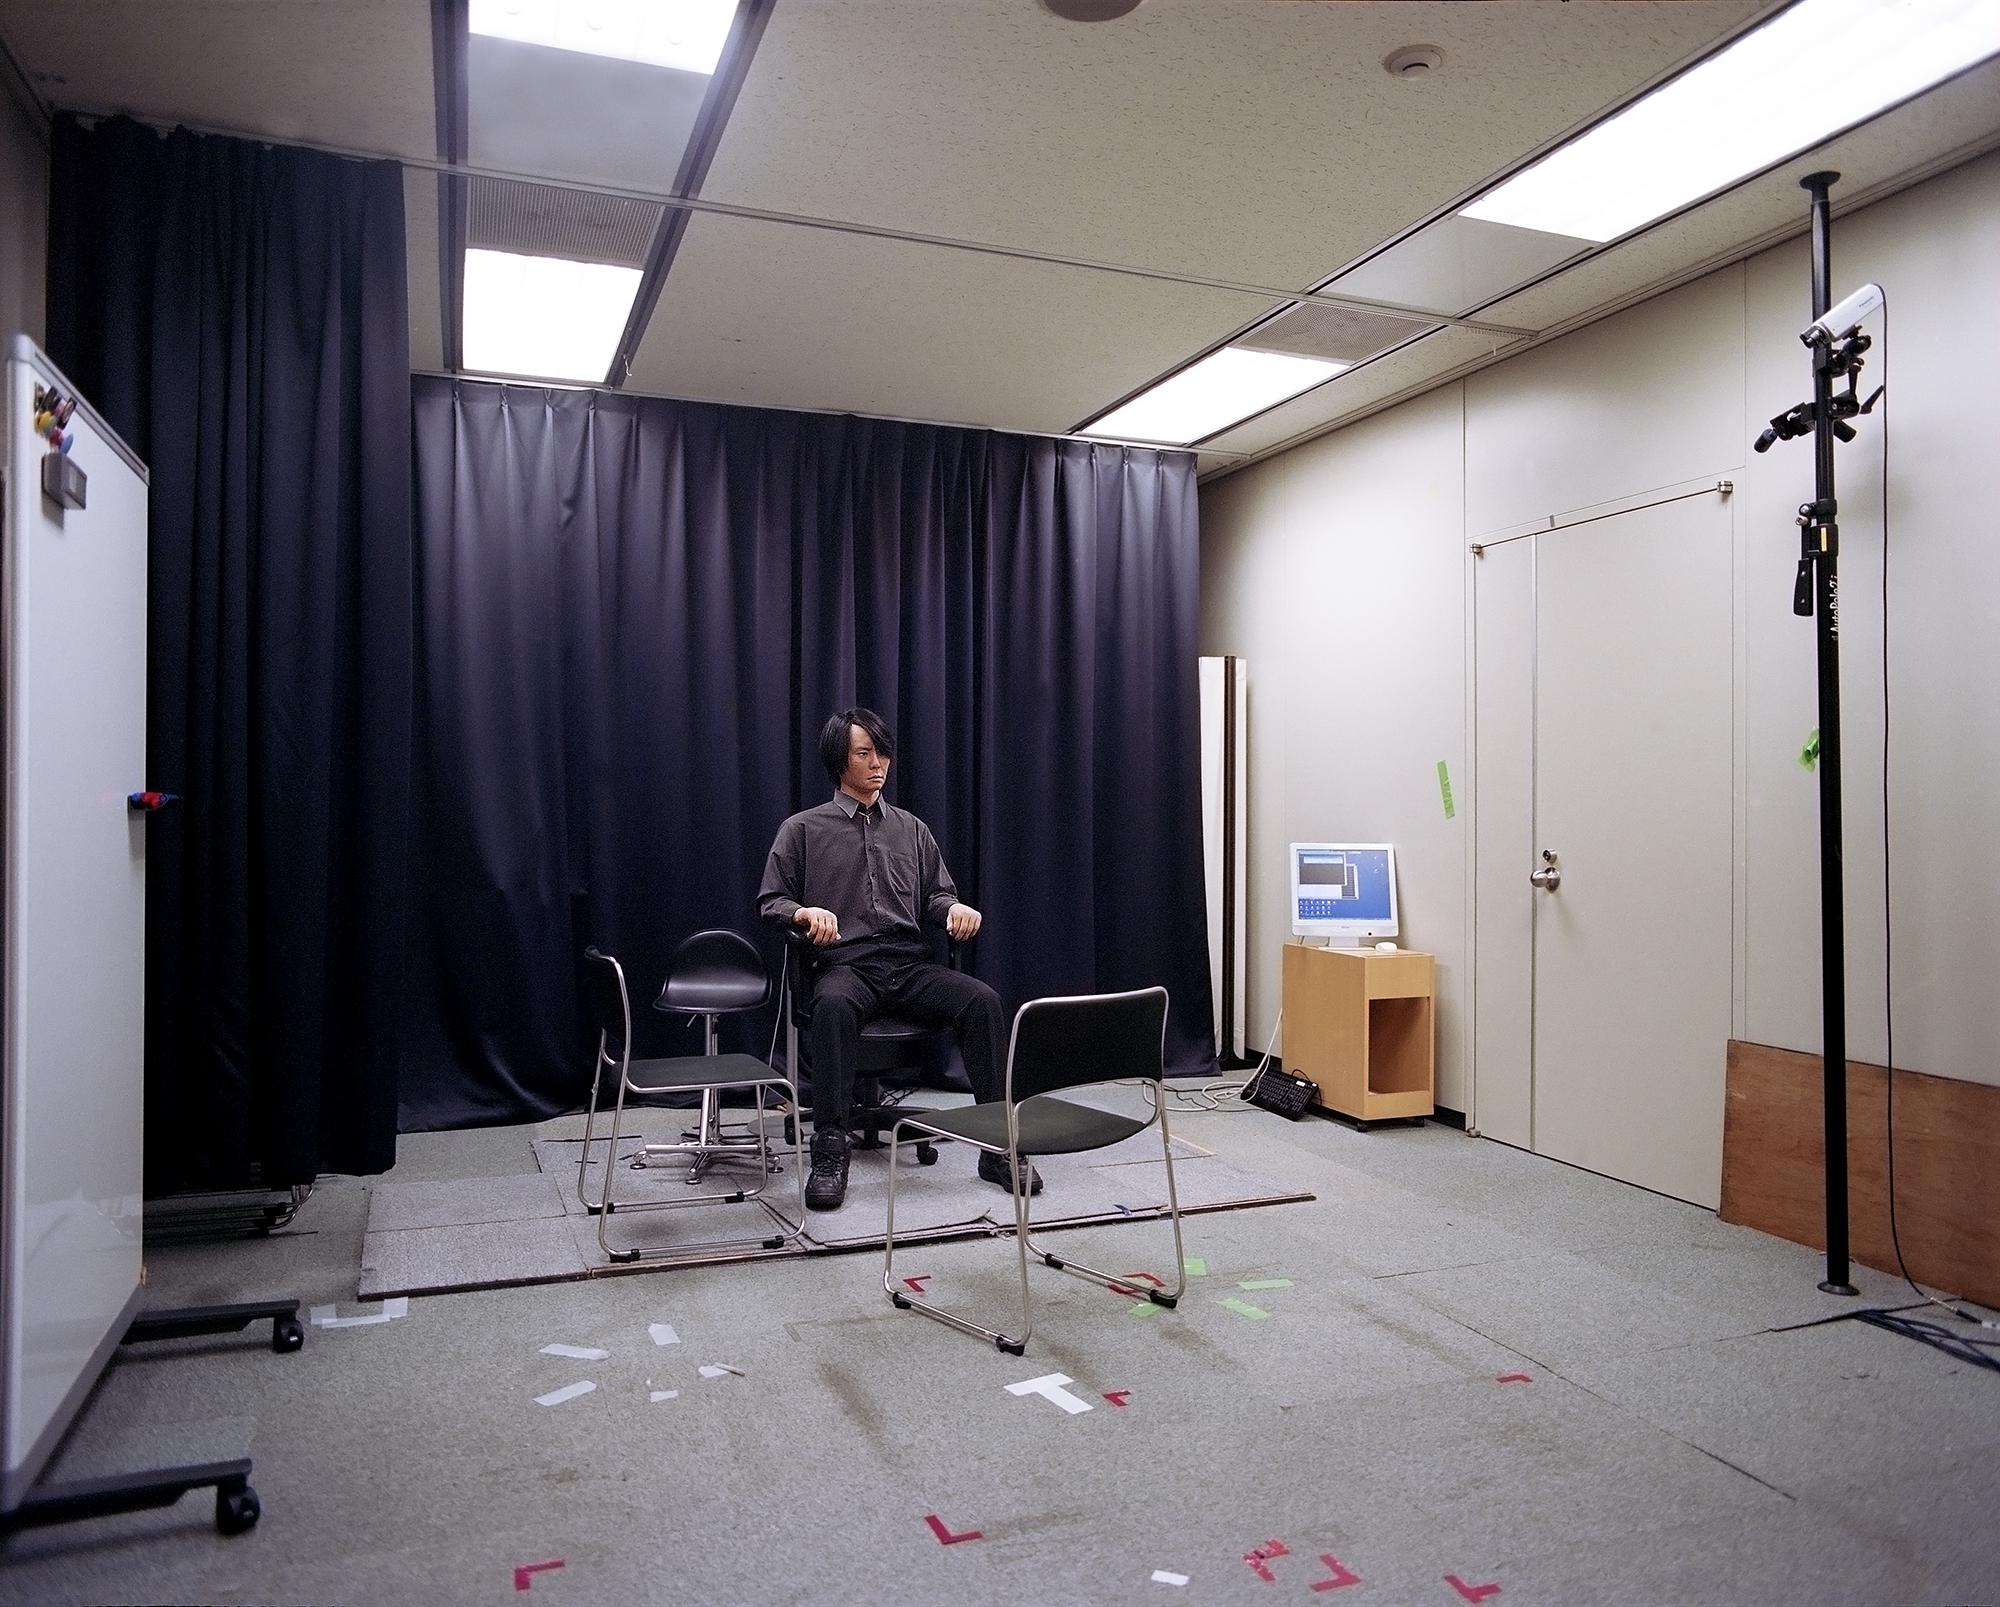 Geminoid HI-2 , 2013  Hiroshi Ishiguro Laboratories, ATR